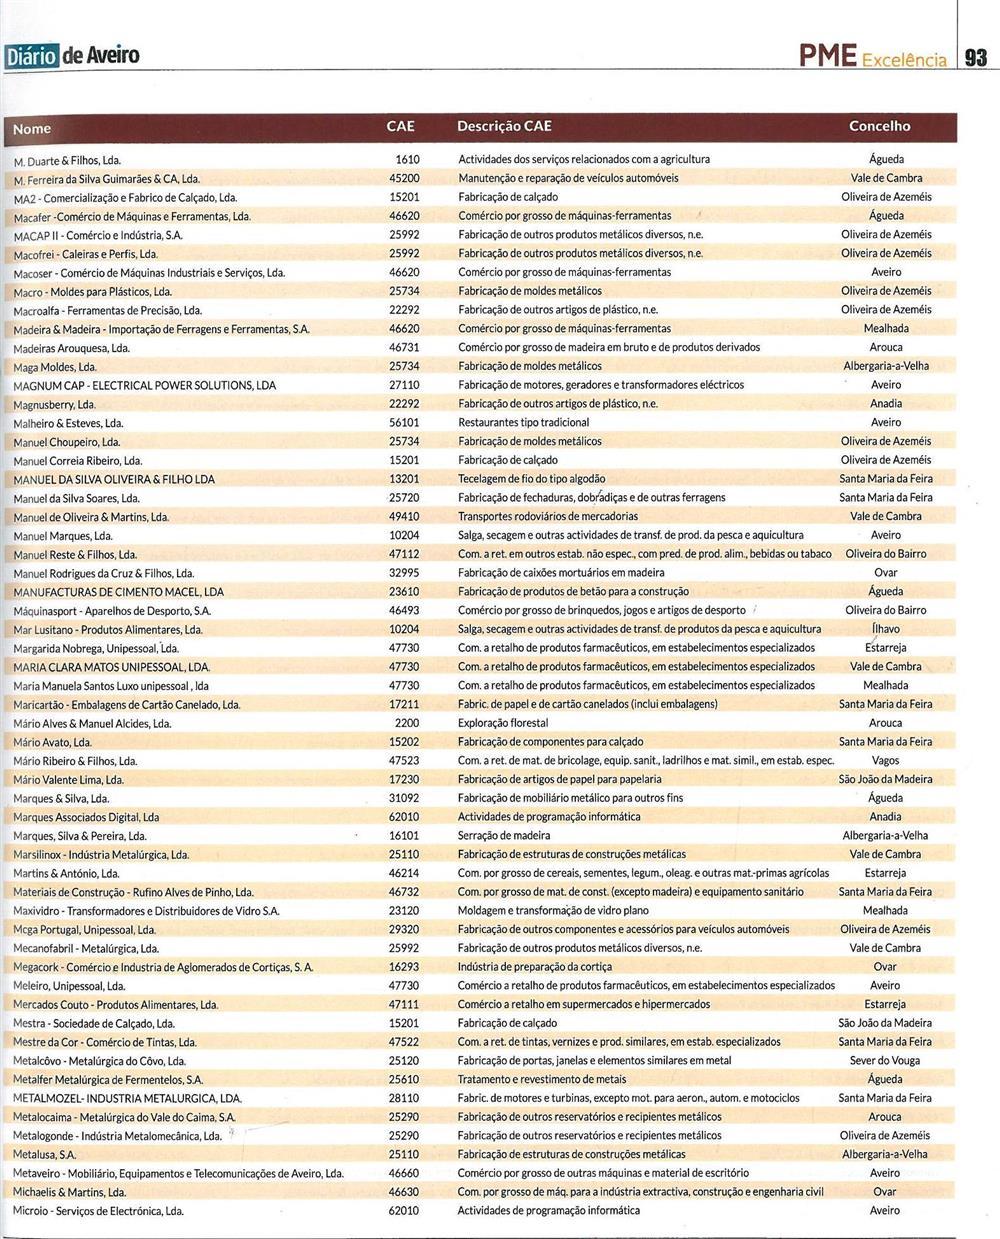 DA-06jun.'18-sup.PME-p.93-PME Excelência [6.ª parte de sete] : empresas distinguidas como PME Excelência no distrito de Aveiro em 2018.jpg